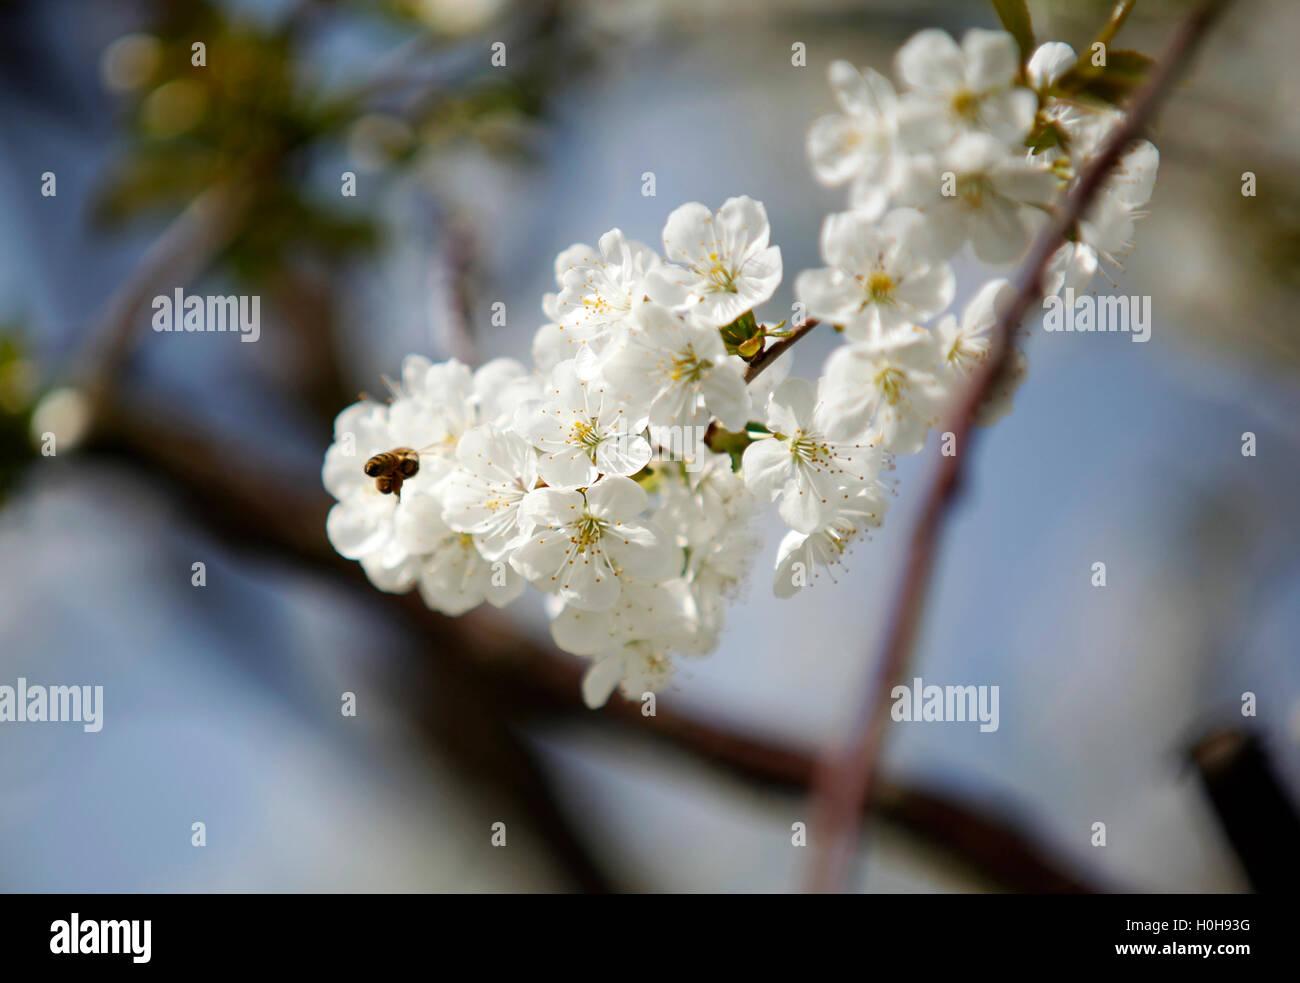 Las abejas de miel en una flor de cerezo recolectando miel 4 Imagen De Stock